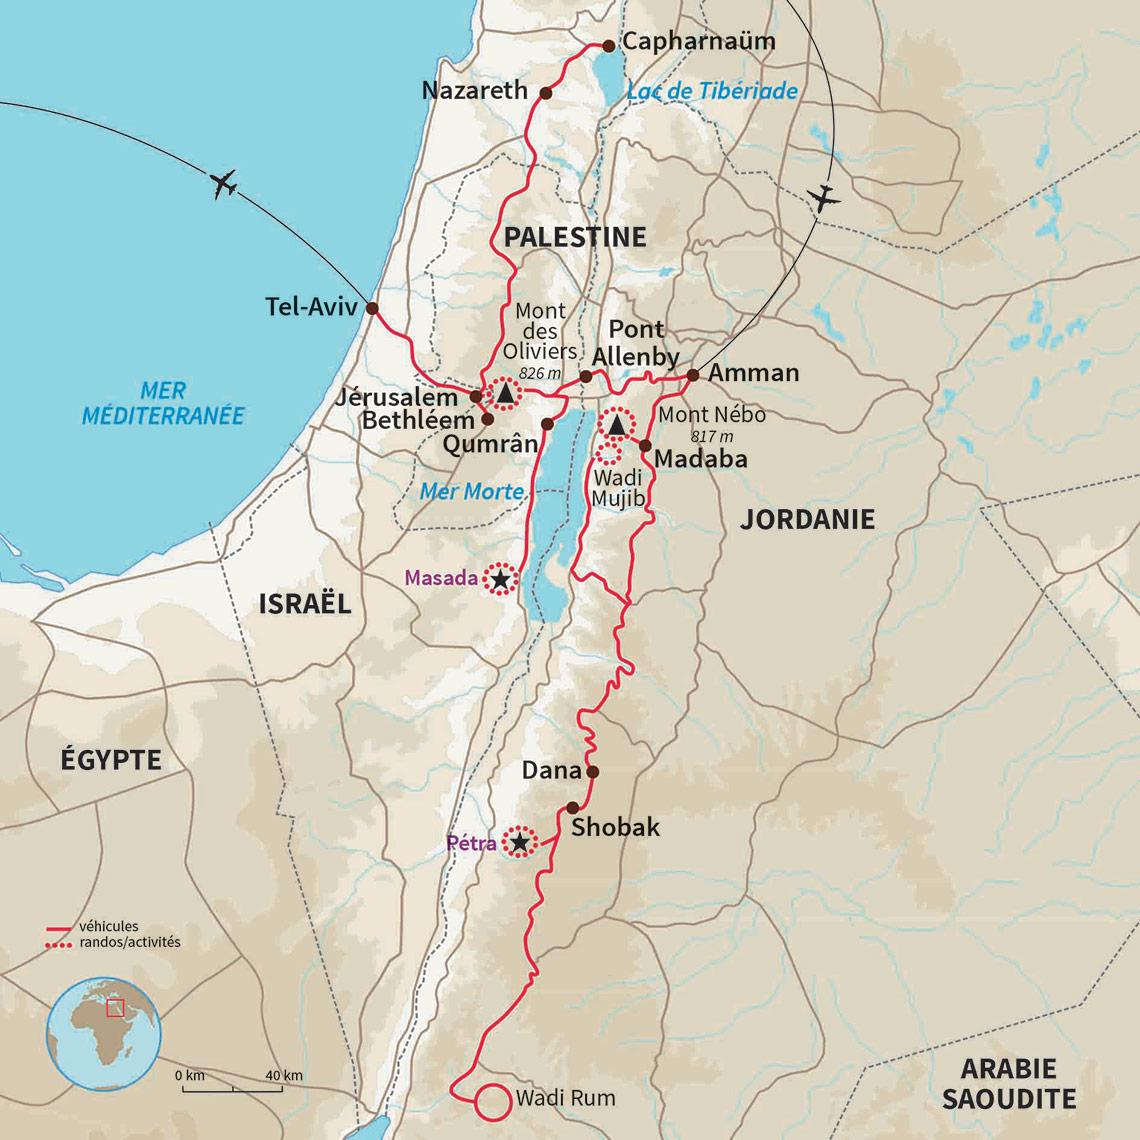 Carte Jordanie Israel.Autotour Jordanie Israel Voyage En Terre Sainte Nomade